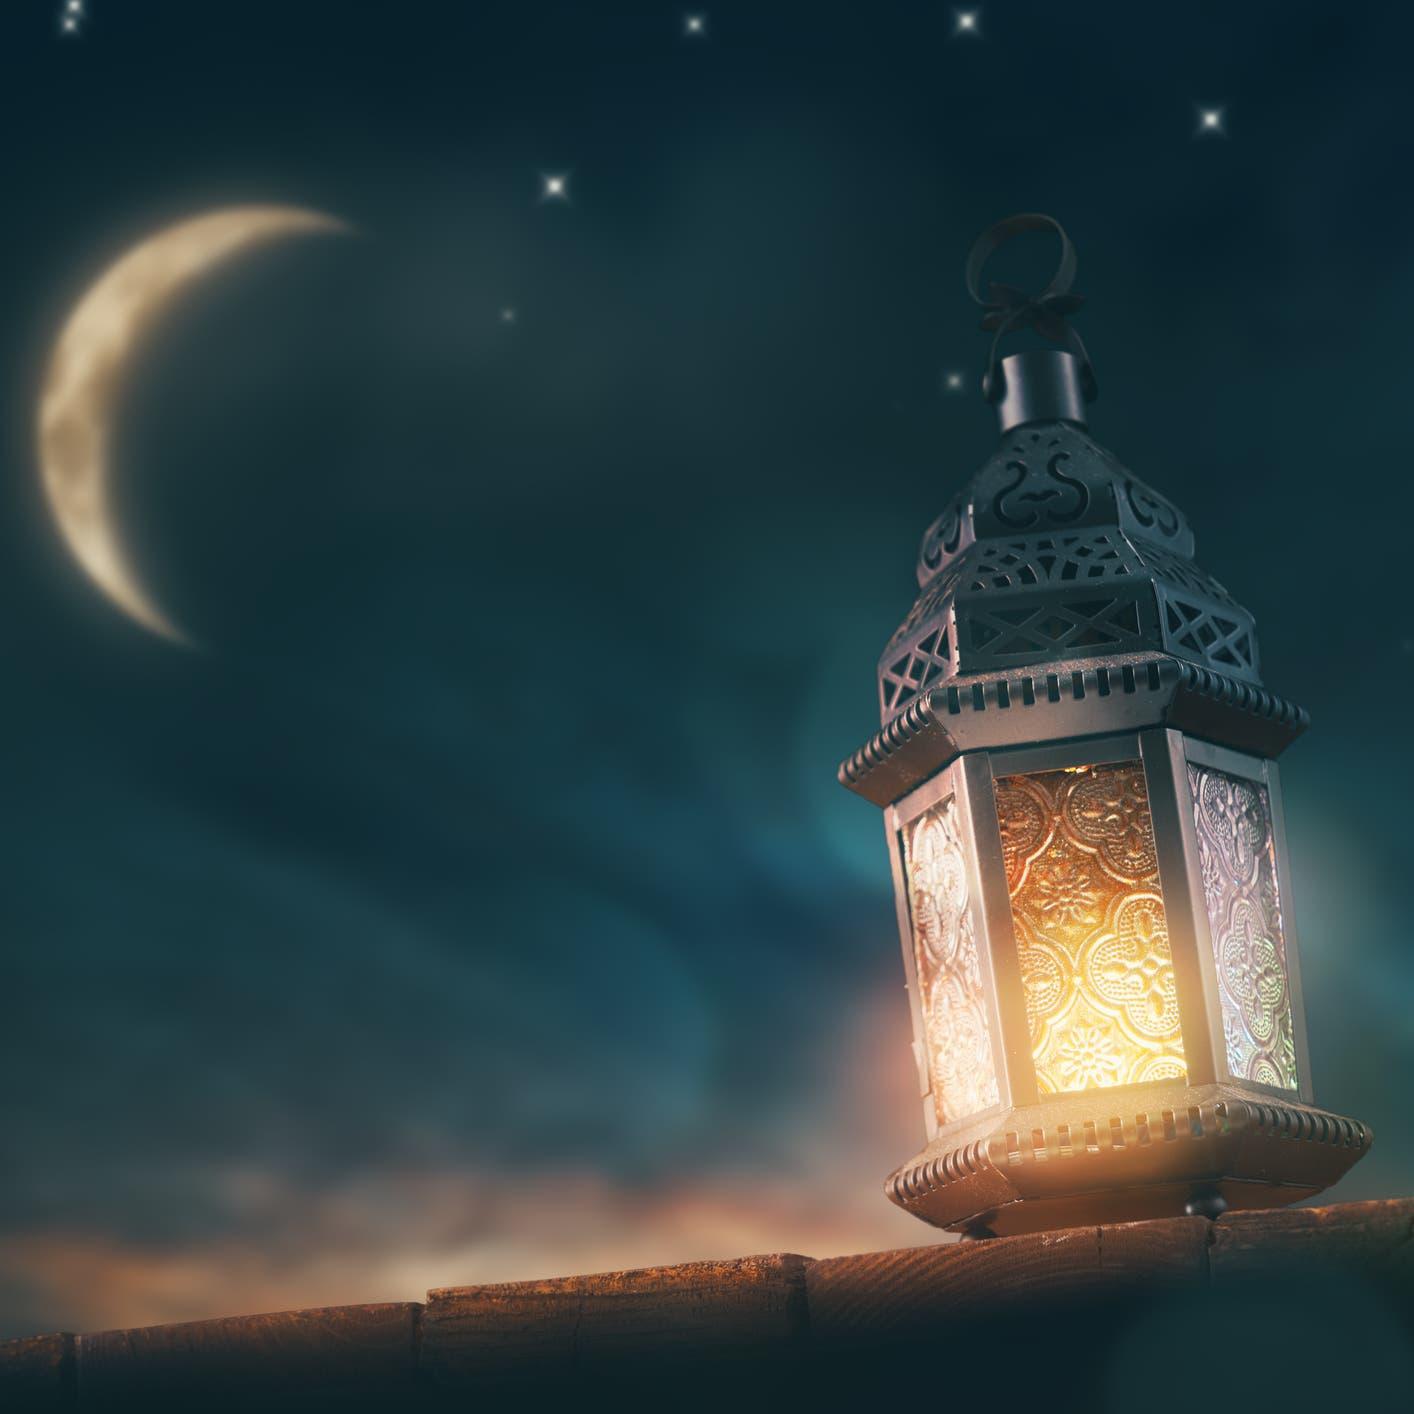 السعودية.. غداً أول أيام شهر رمضان في المملكة